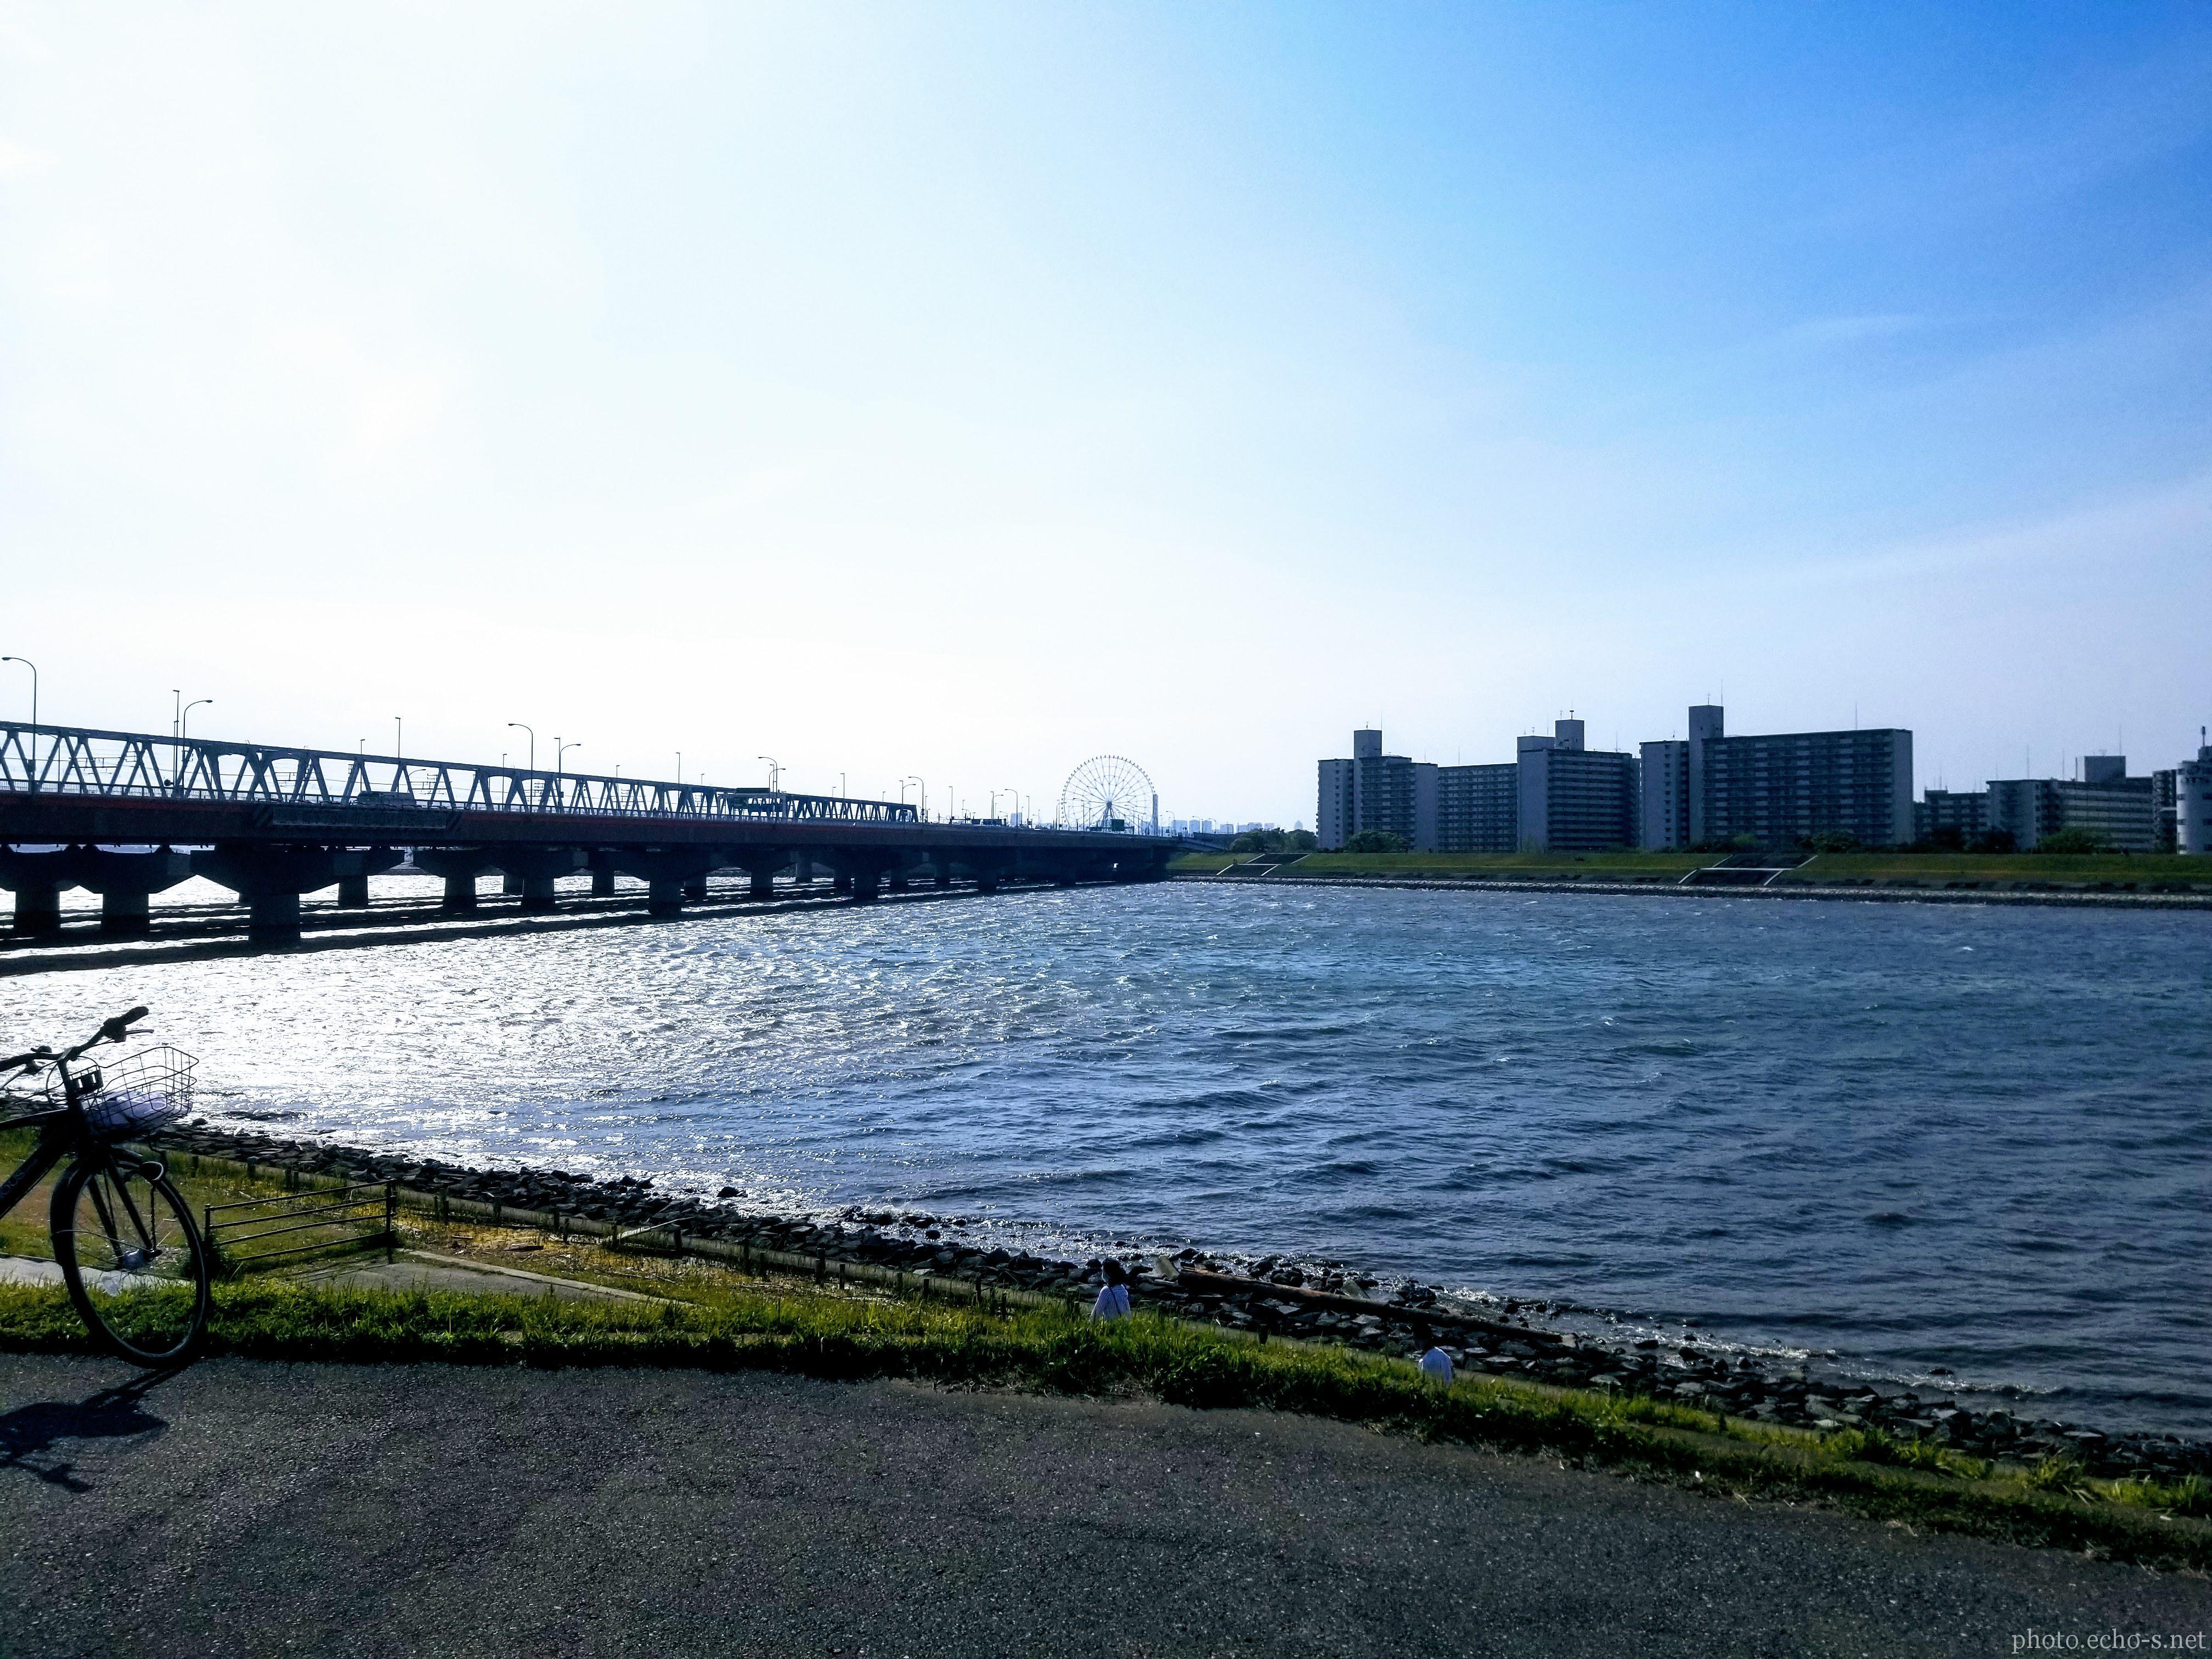 舞浜 旧江戸川 河川敷 昼間